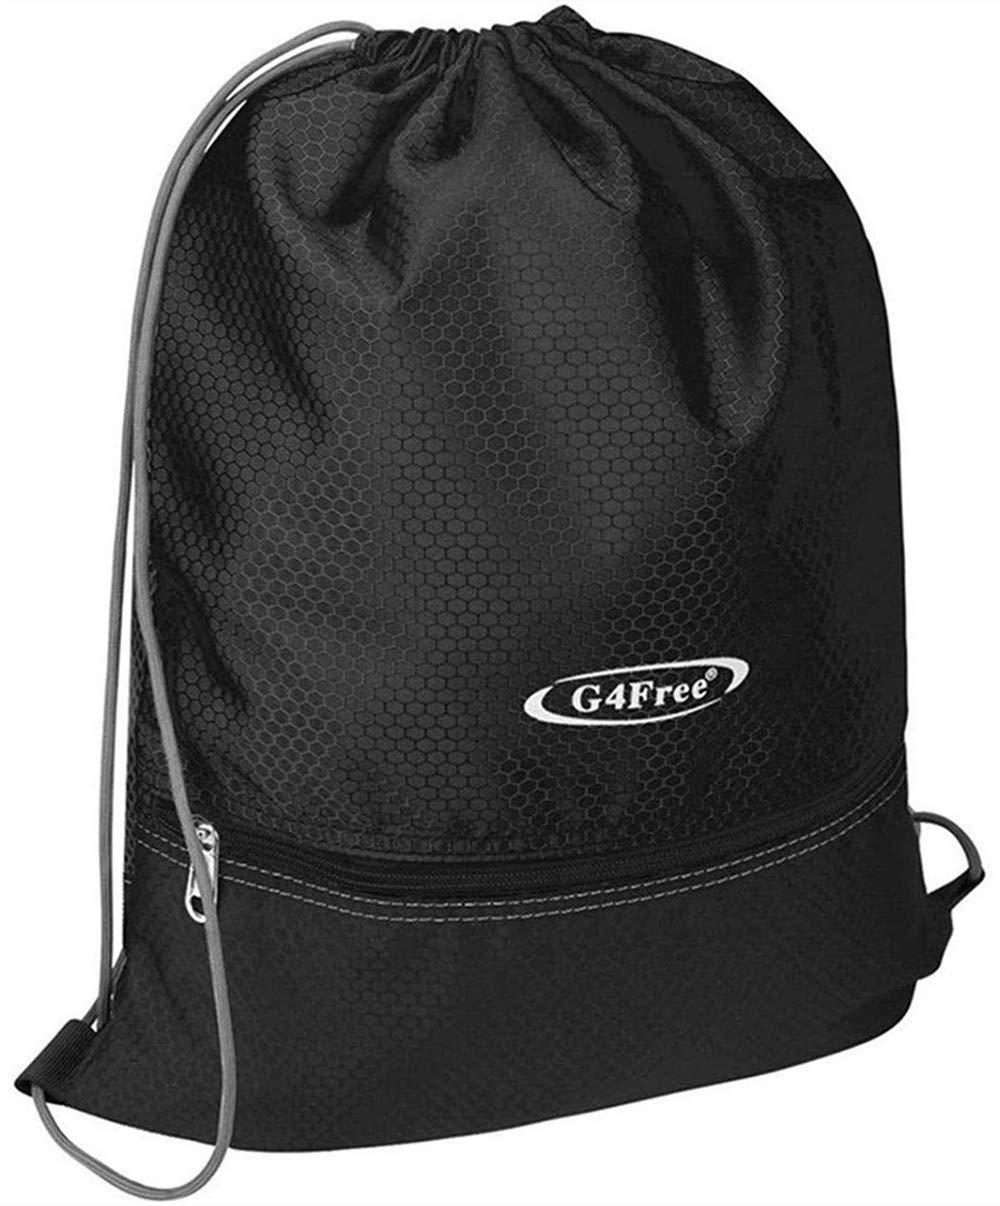 G4Free Drawstring Backpack 15L&20L Cinch Bag String Backpack Gym Bag for Men Women Nylon